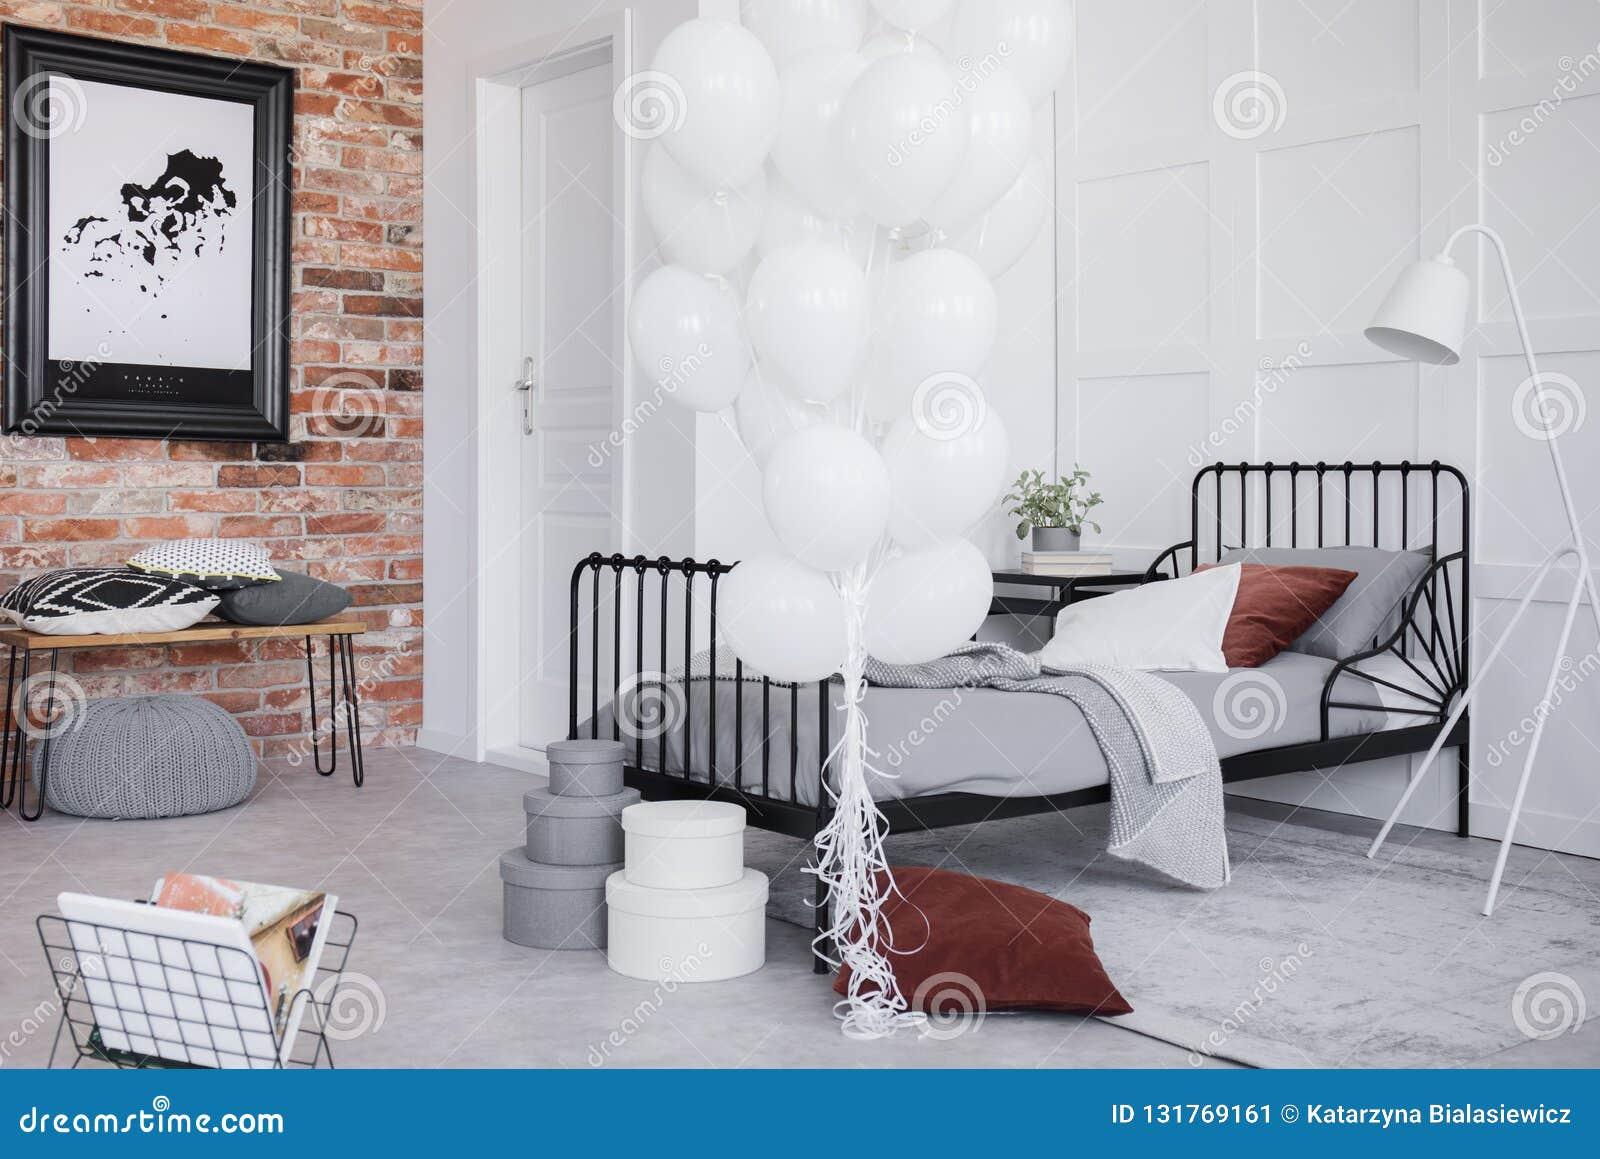 Интерьер спальни с серыми постельными принадлежностями, пук белых воздушных шаров и черная рамка на кирпичной стене, реальное фот